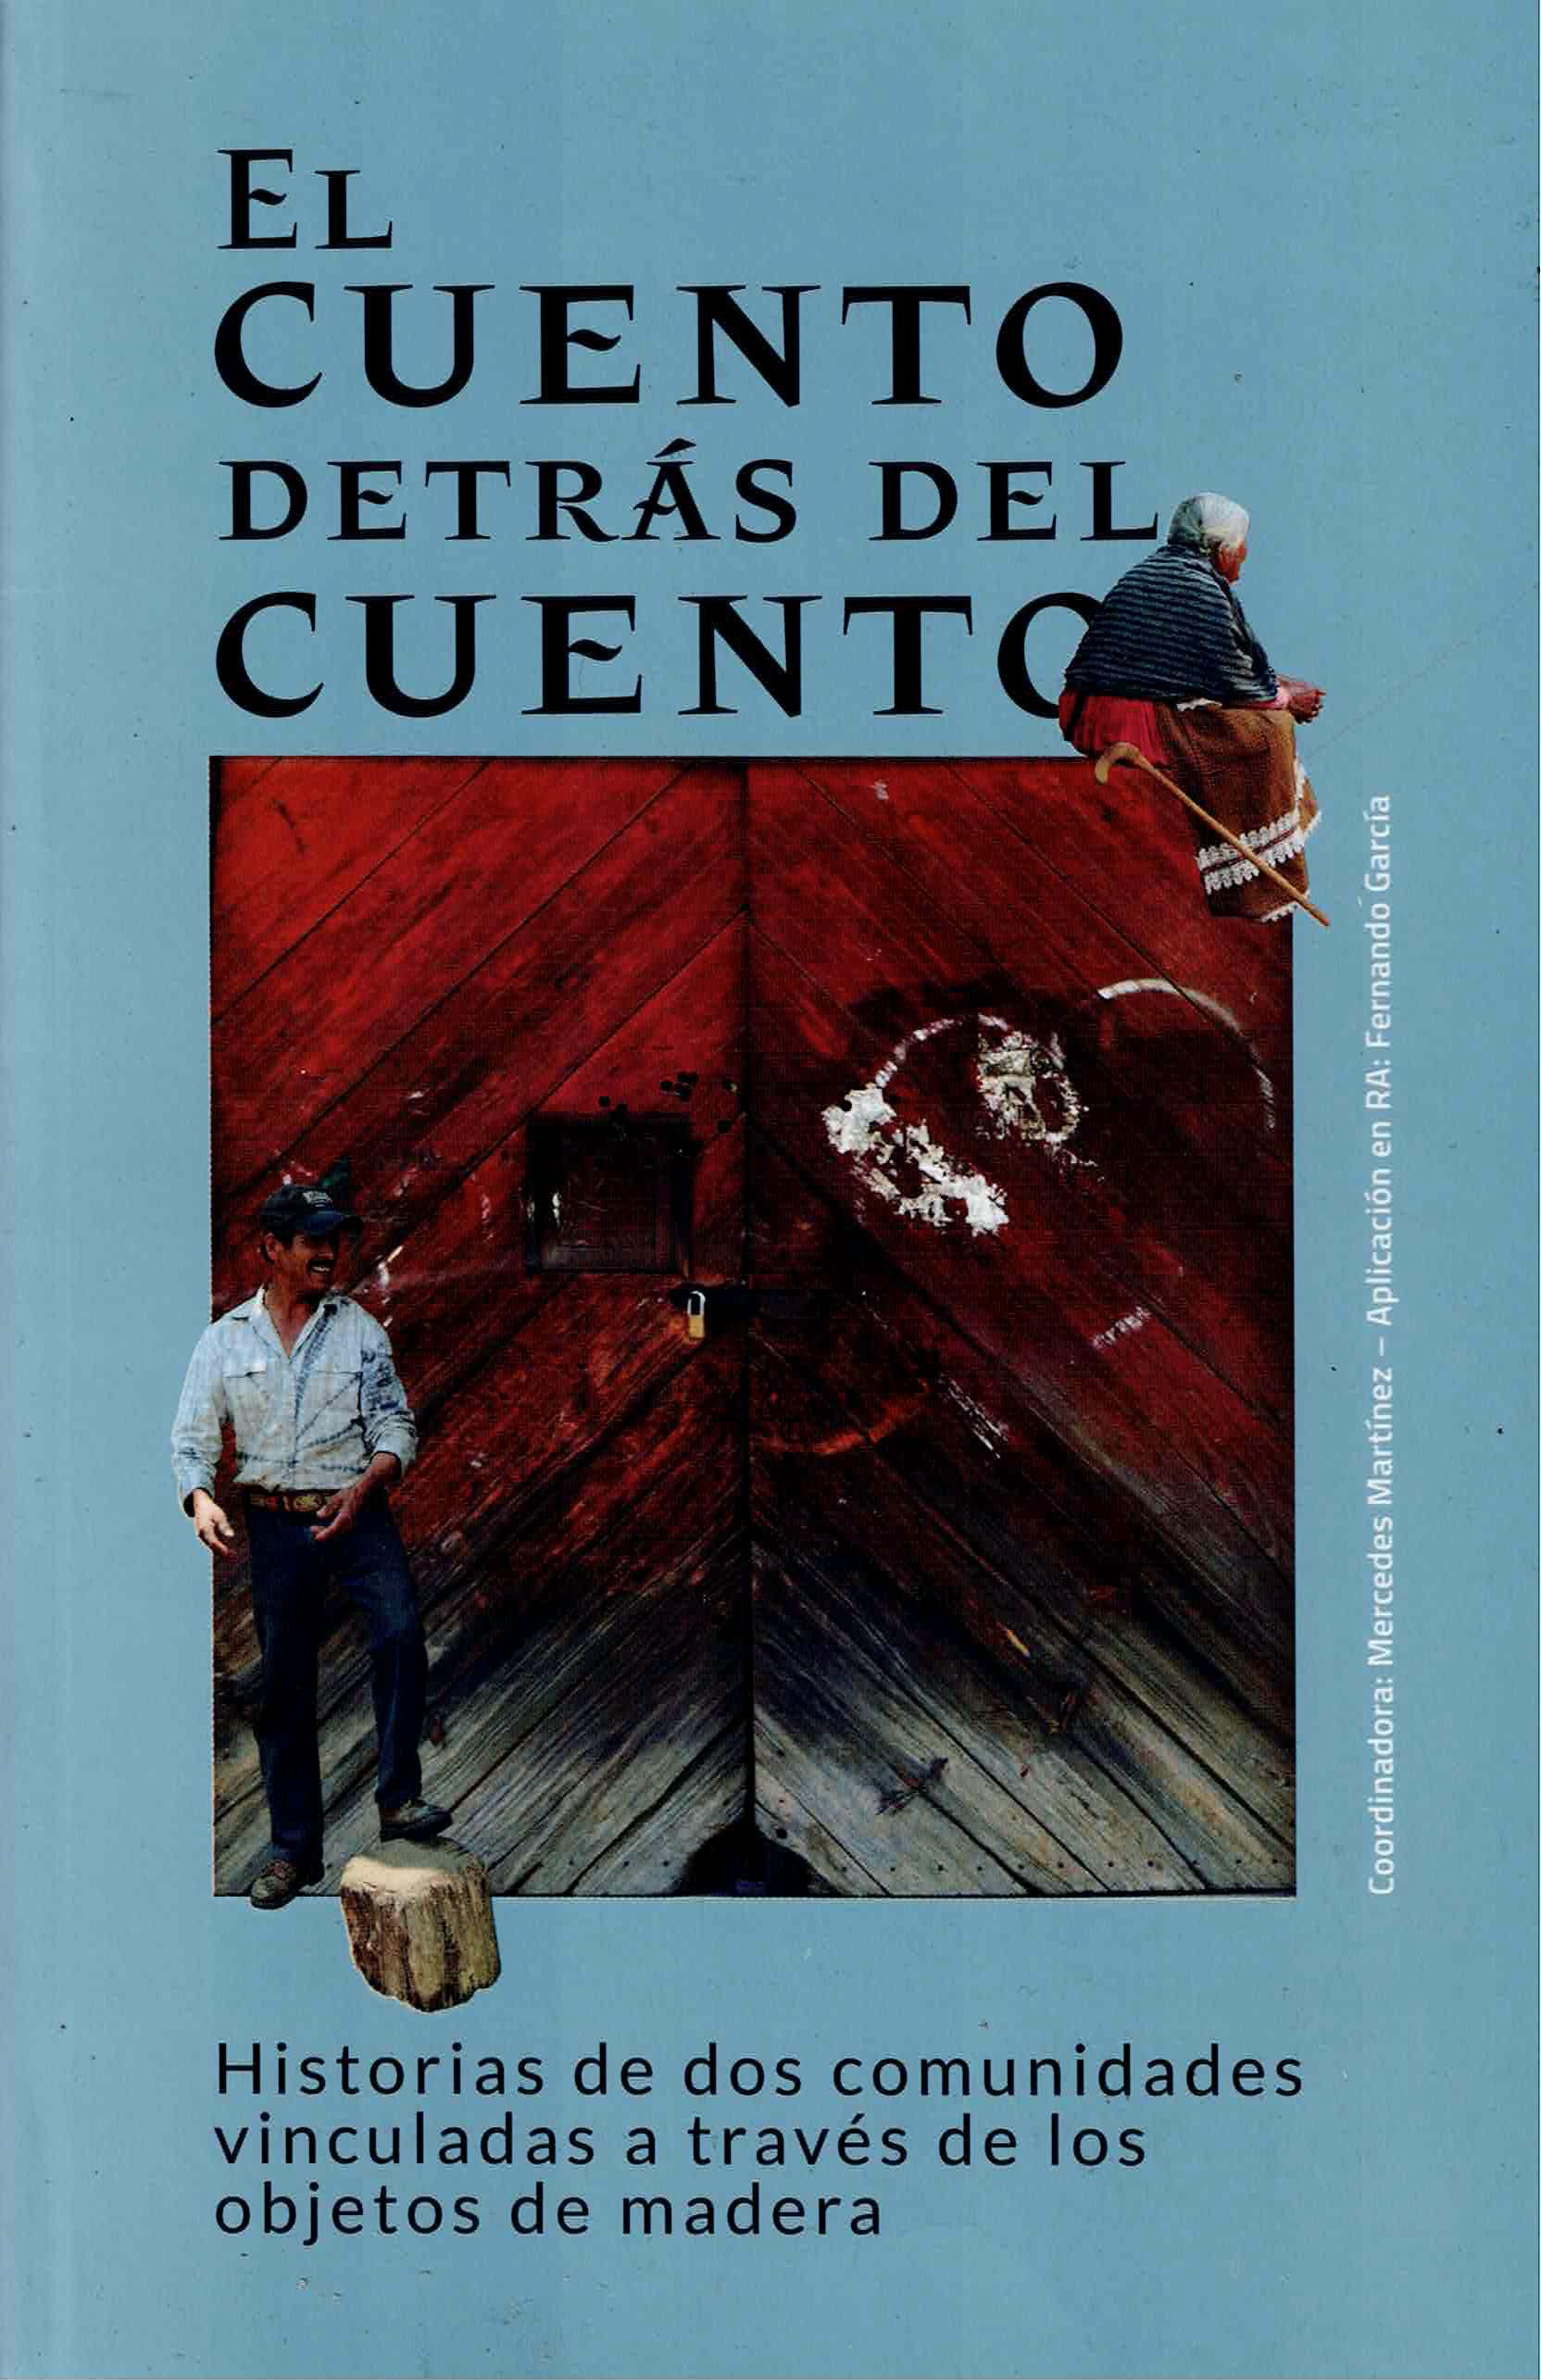 El cuento detrás del cuento. Historia de dos comunidades vinculadas a través de los objetos de madera